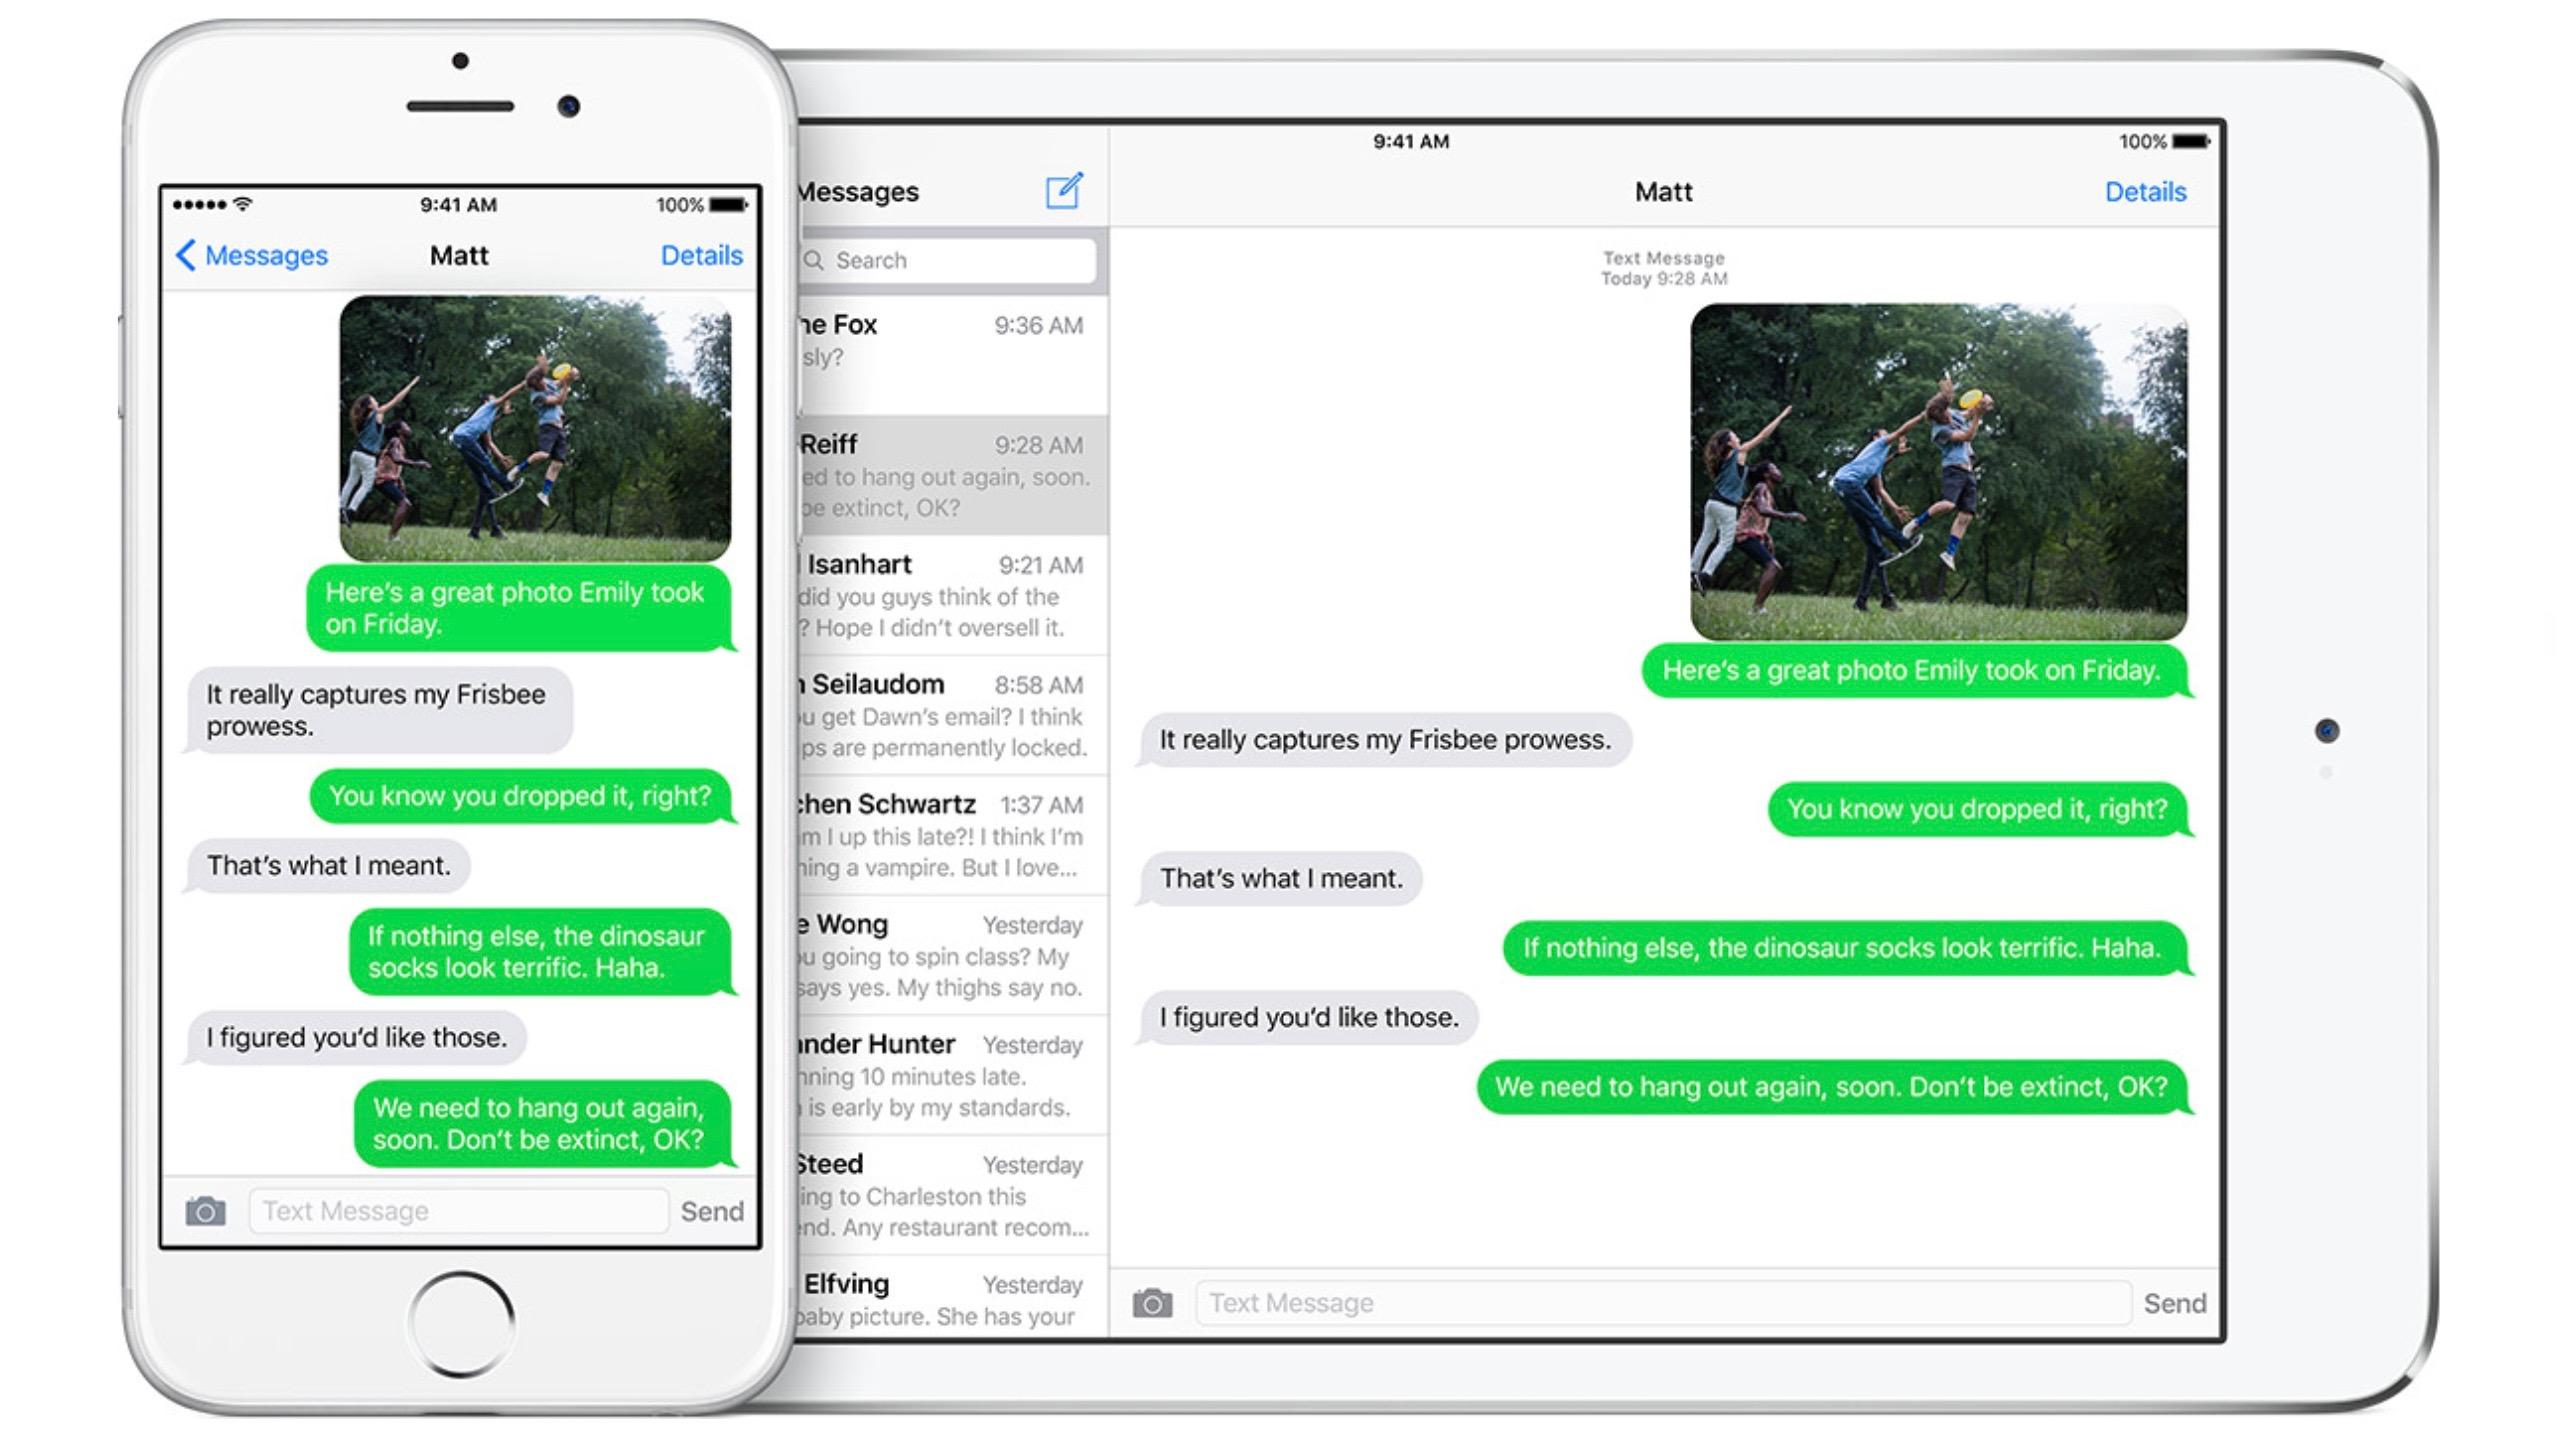 Messages iOS iPhone iPad iOS 9 16-9